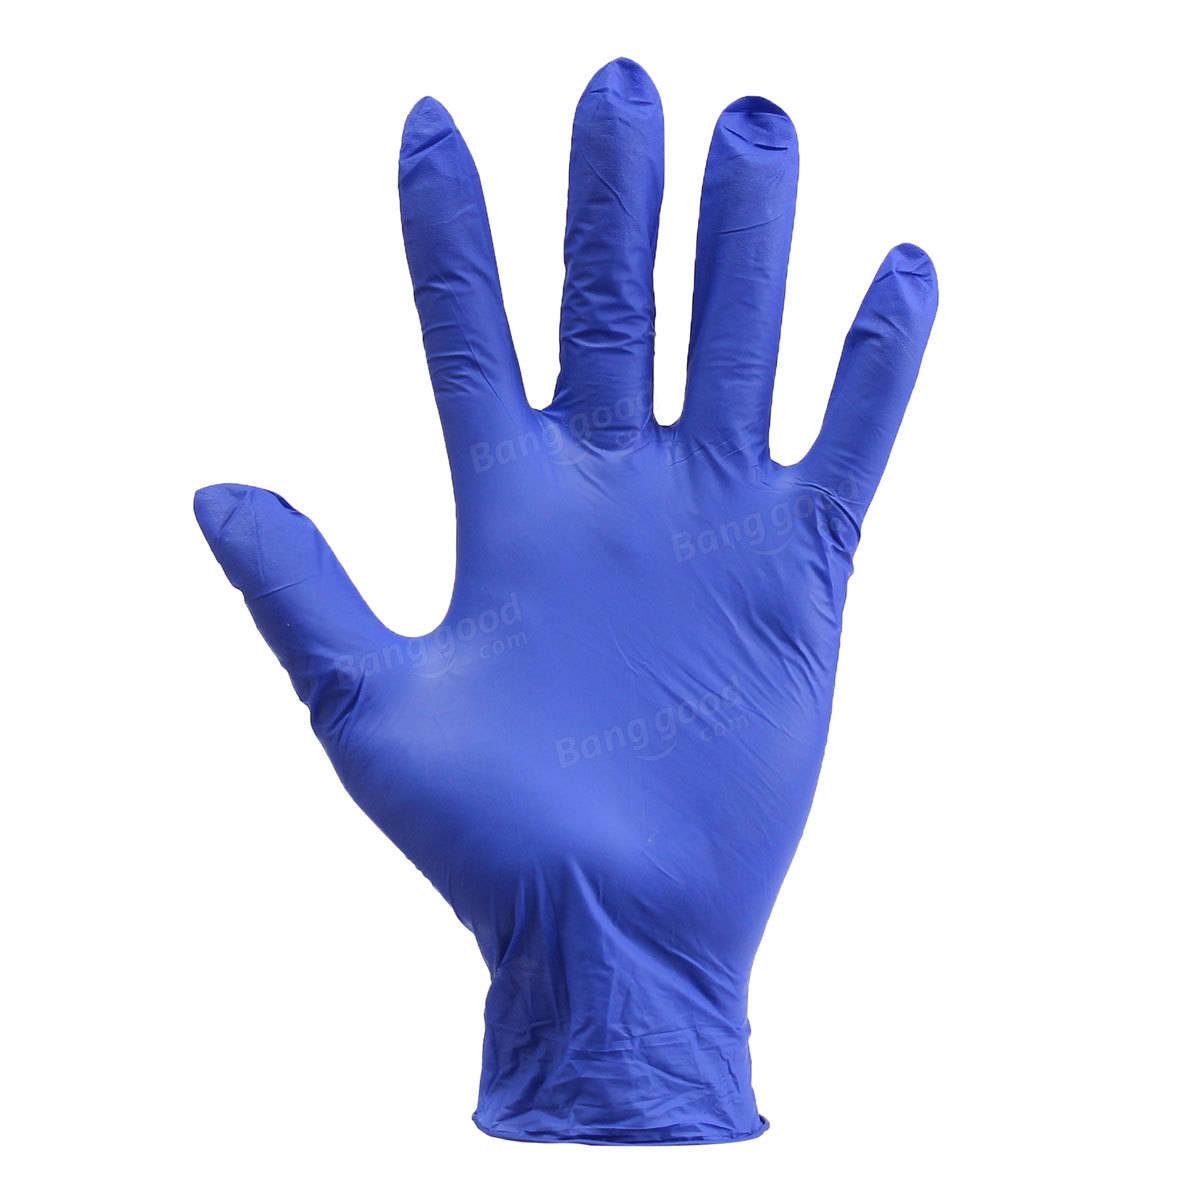 Latex food gloves